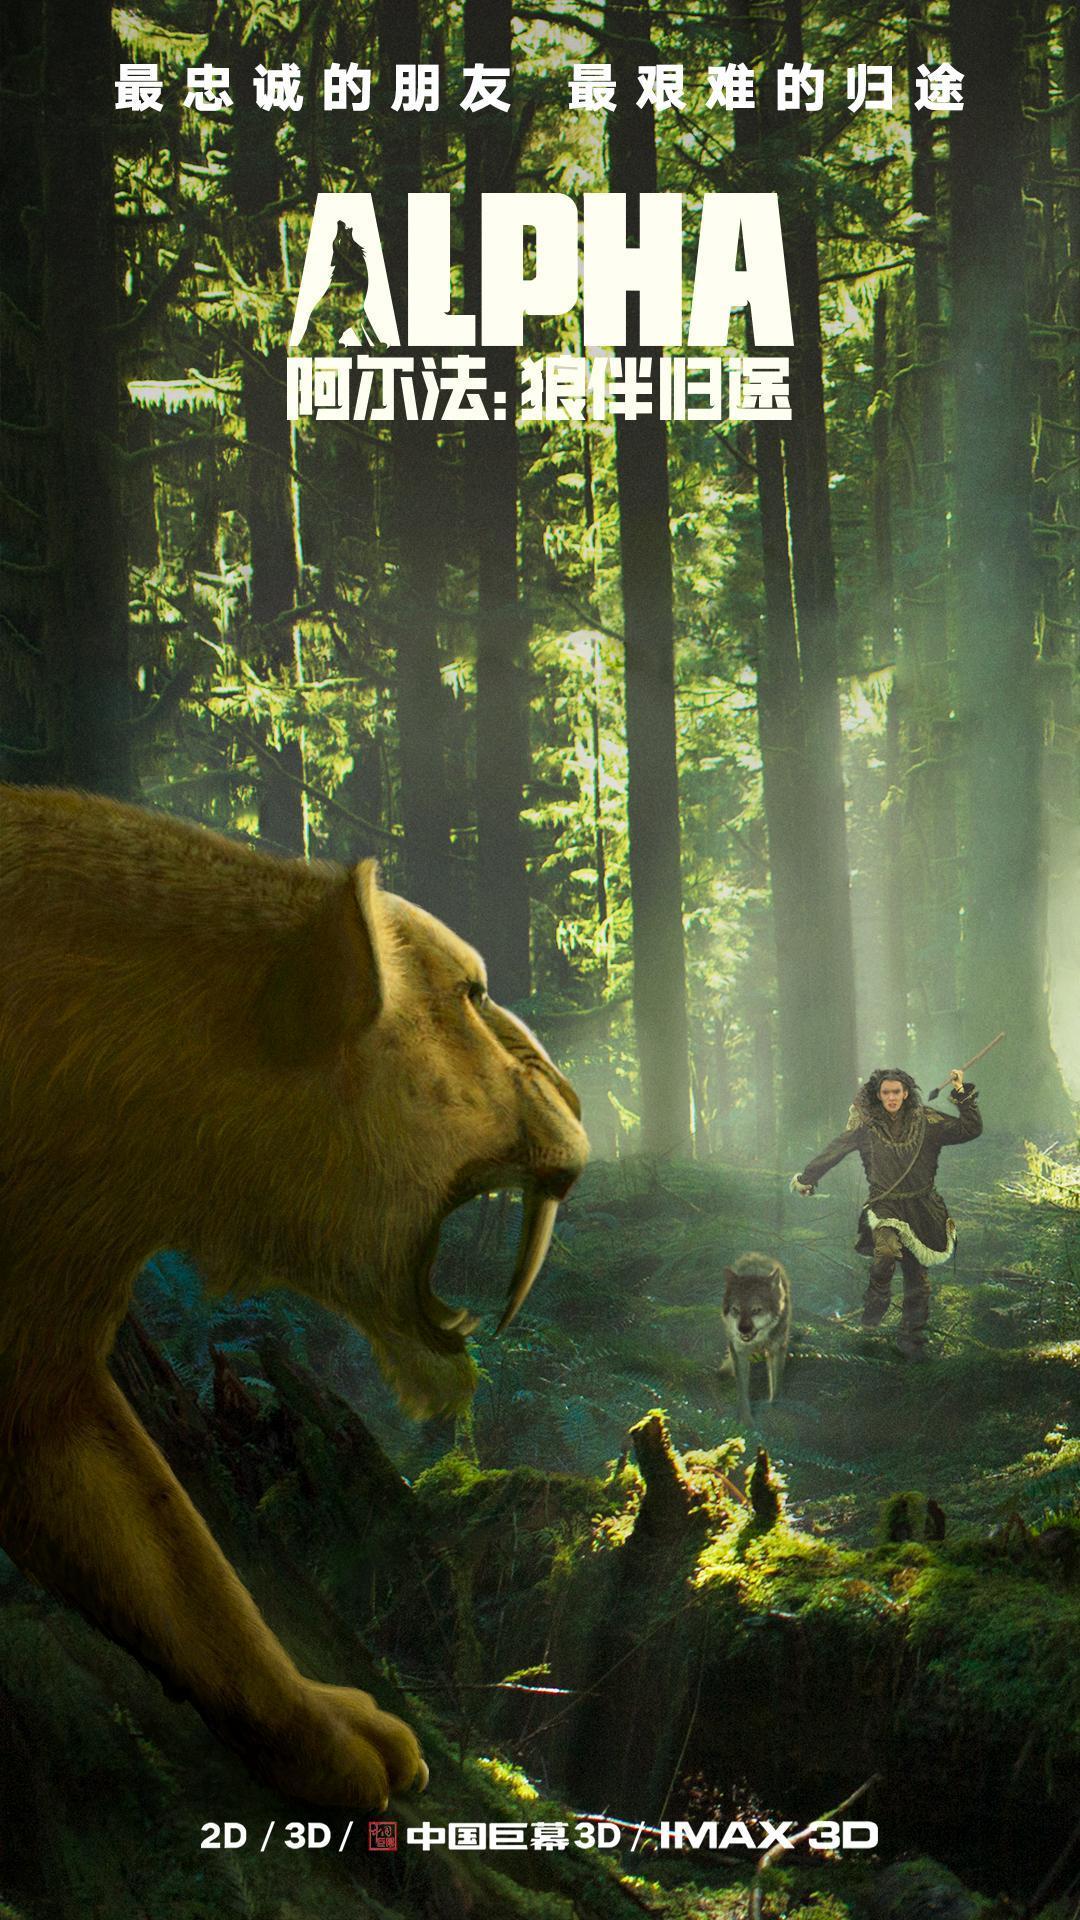 亲子观影首选《阿尔法:狼伴归程》 万万家长高度承认实名力荐_阳光在线